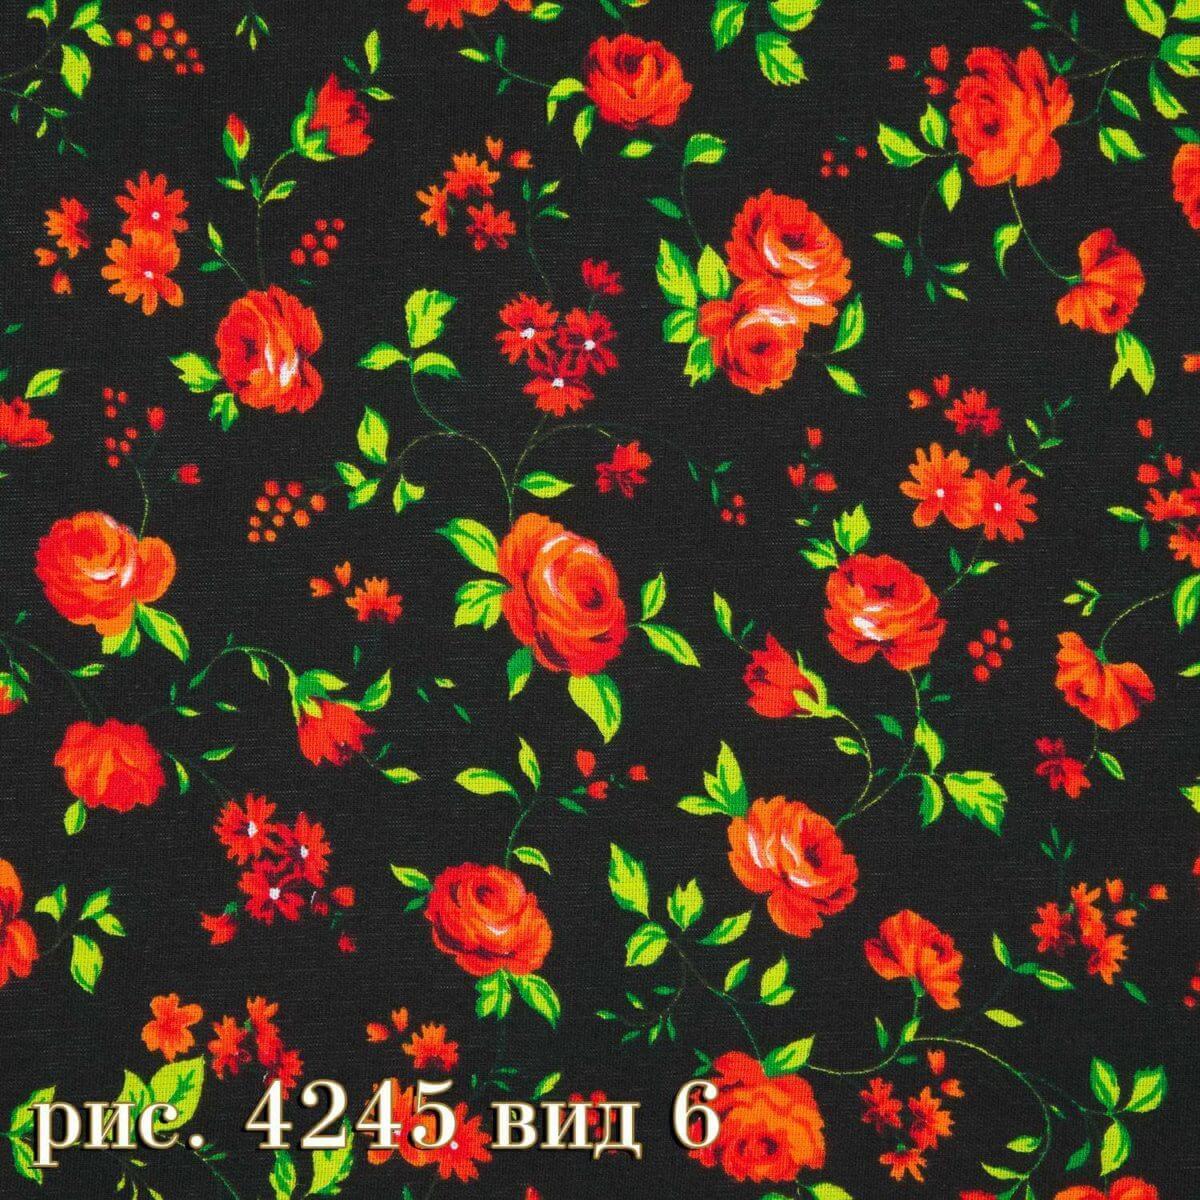 Фото 14 - Плательная ткань бязь 220 см (4245/7).